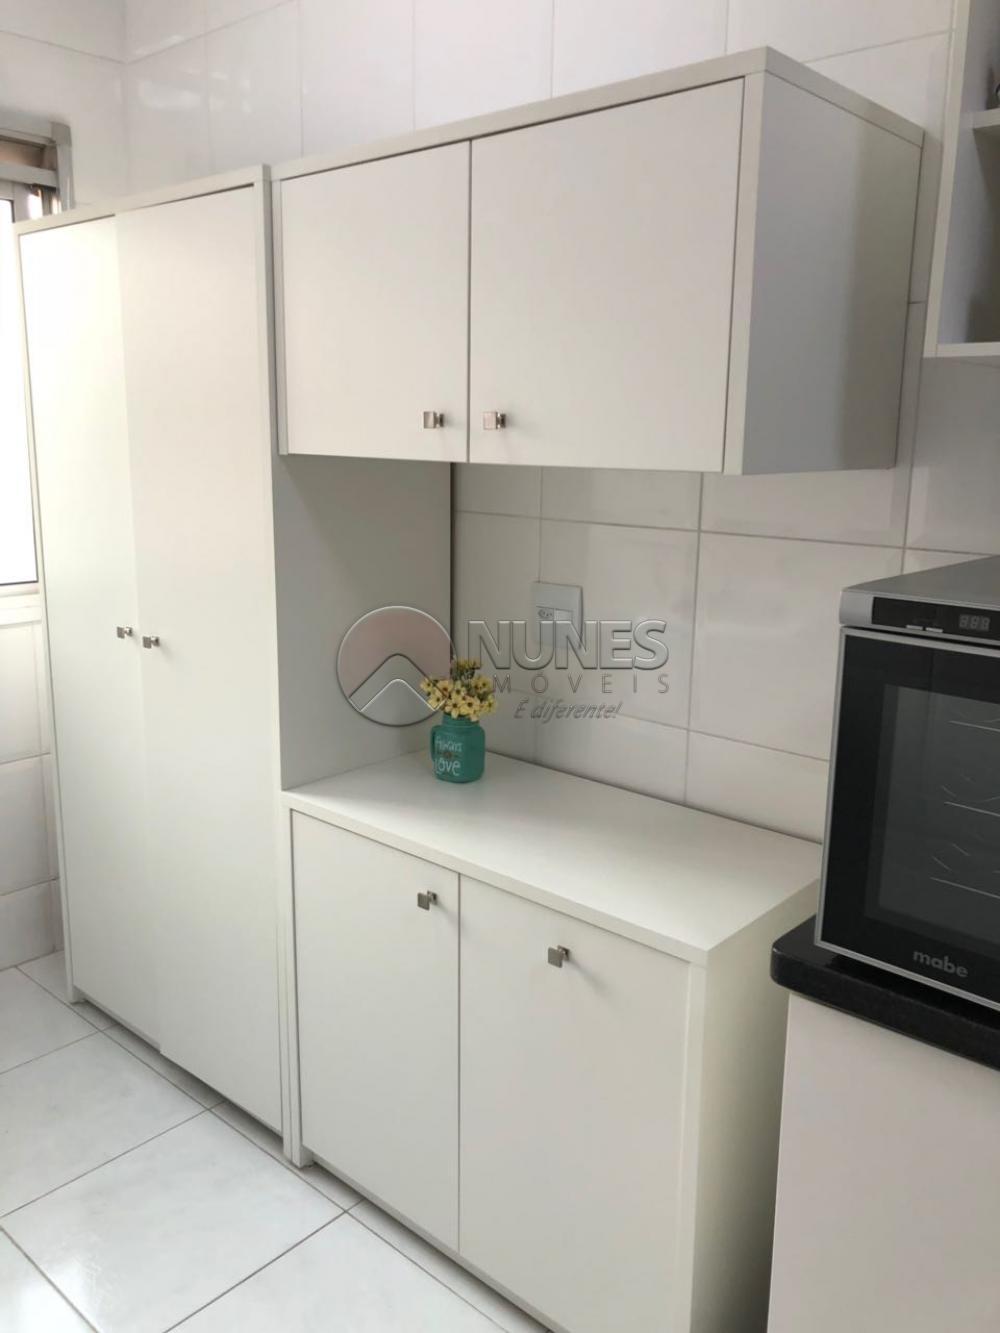 Comprar Apartamento / Padrão em Osasco apenas R$ 360.000,00 - Foto 11